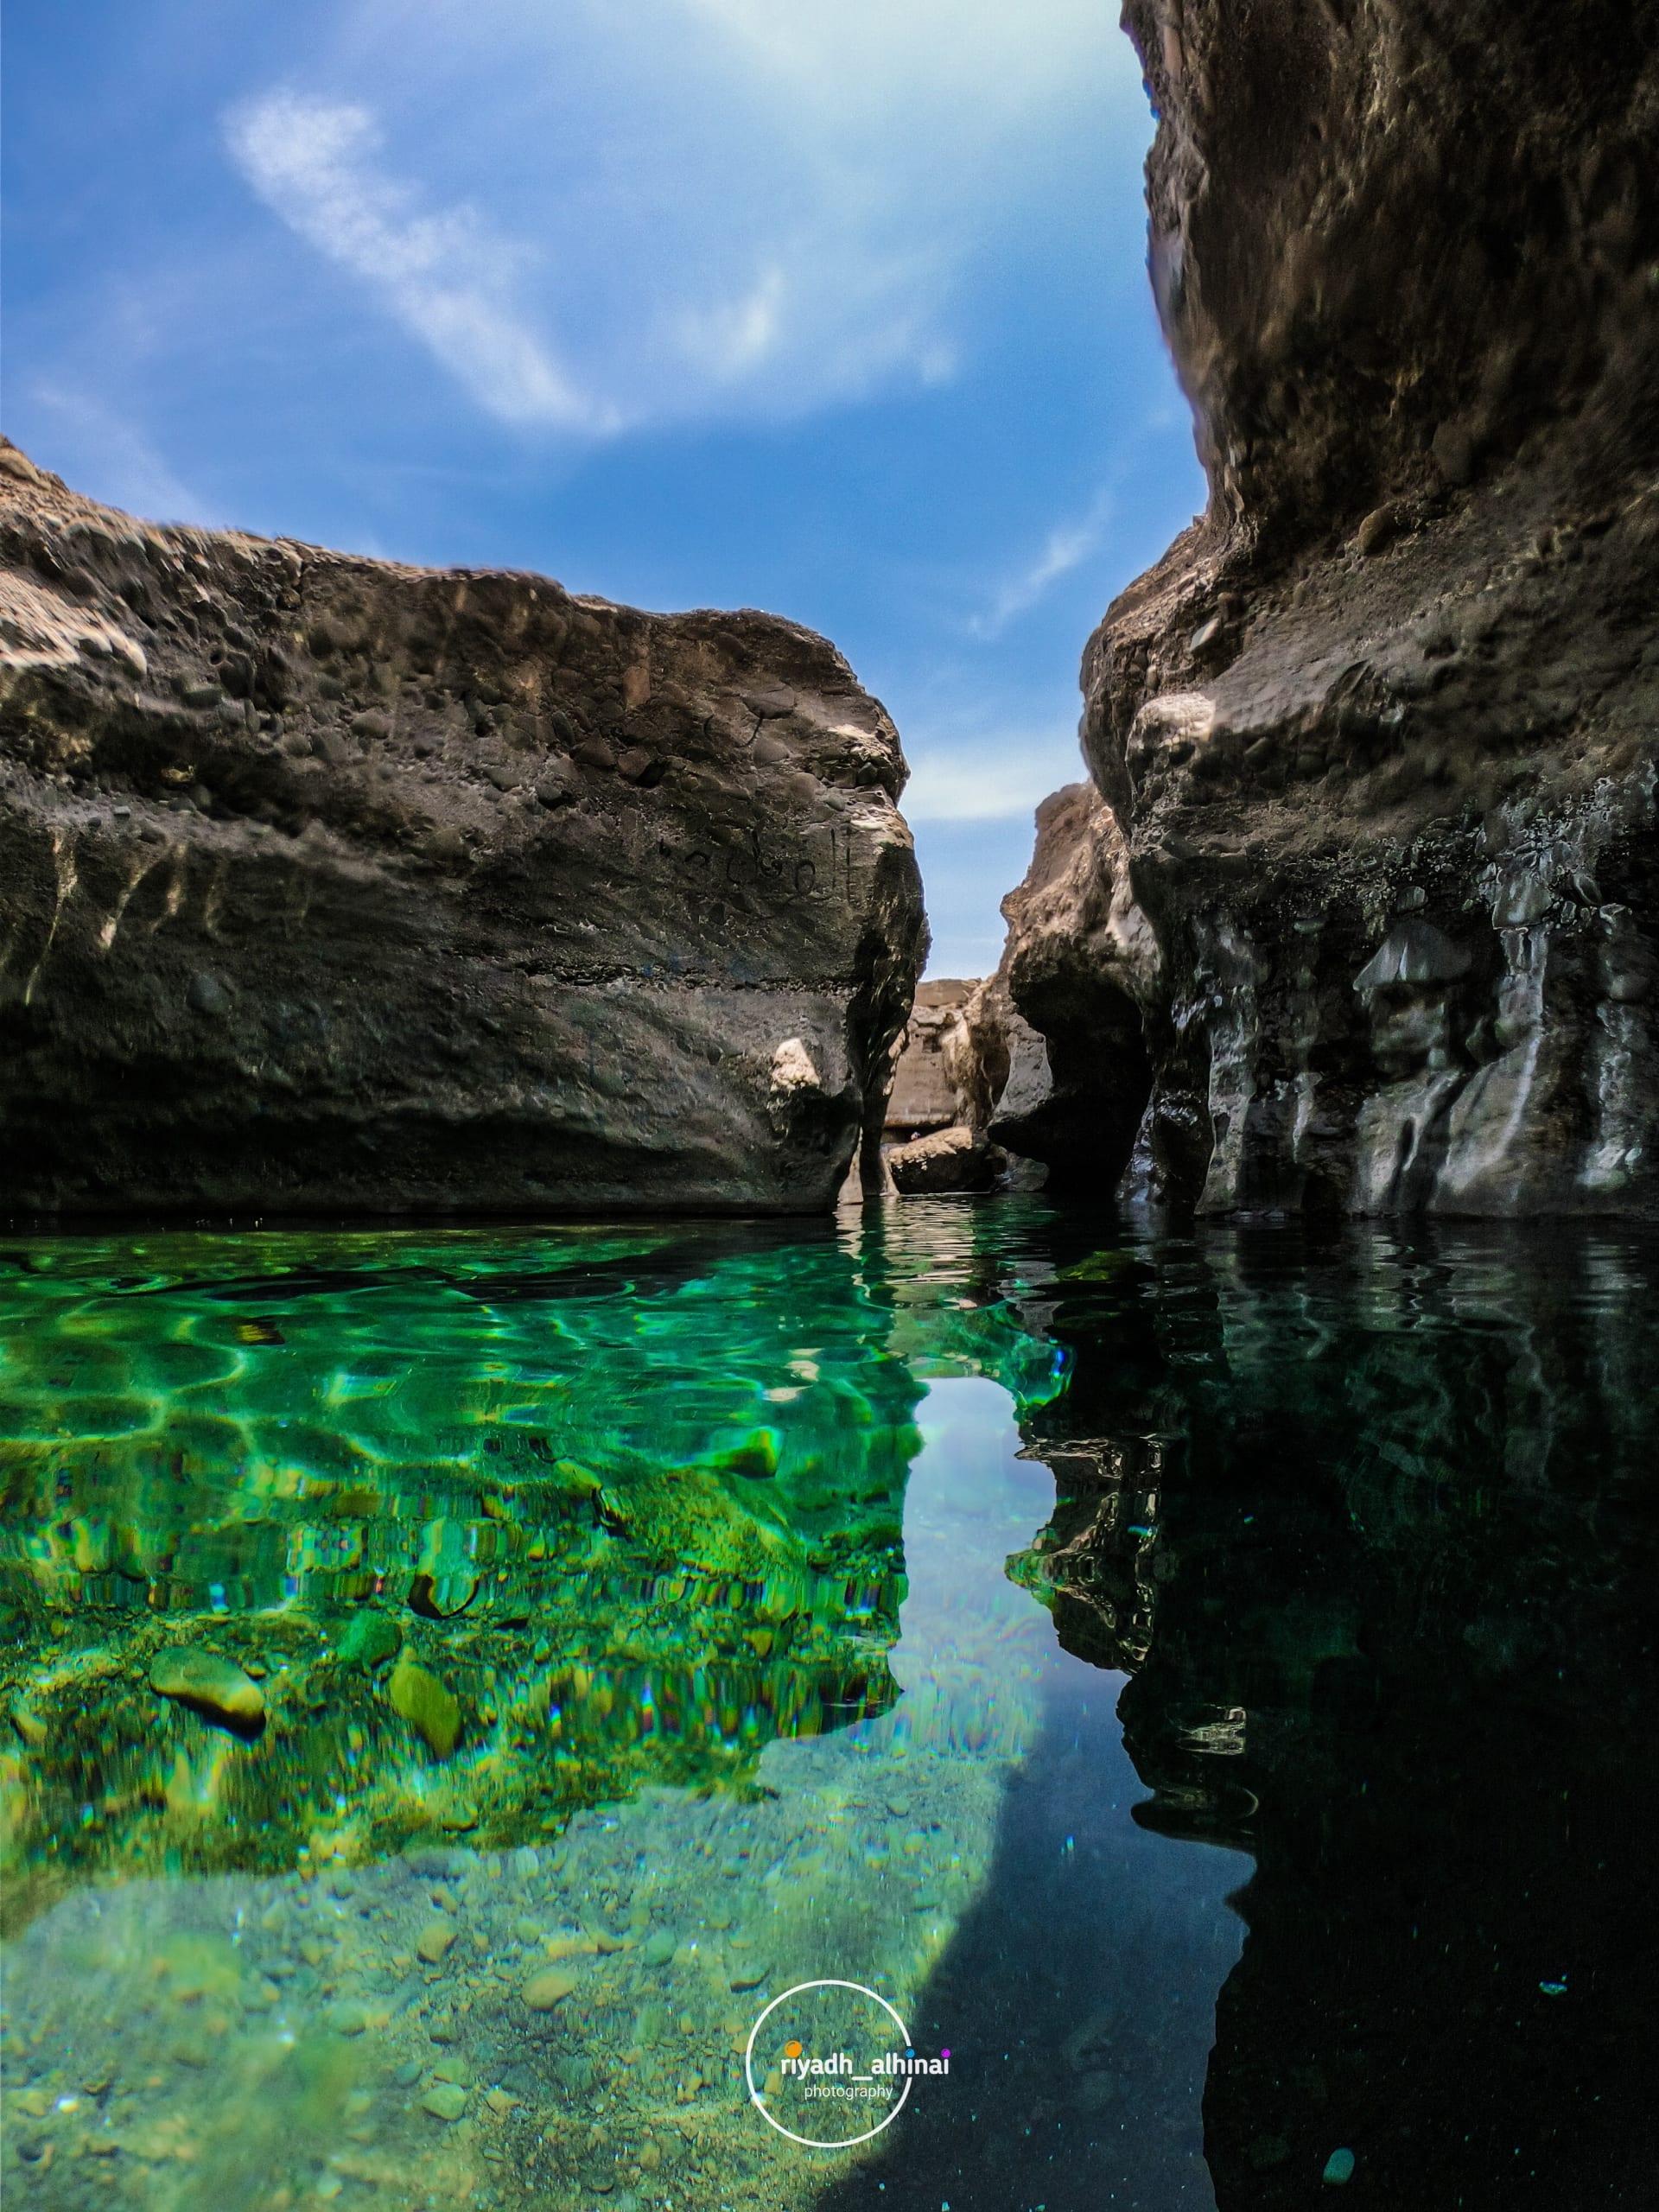 ما وراء هذه الطبيعة الجبلية الوعرة بعمان.. استكشف هذا المسبح الطبيعي الصافي بين الصخور